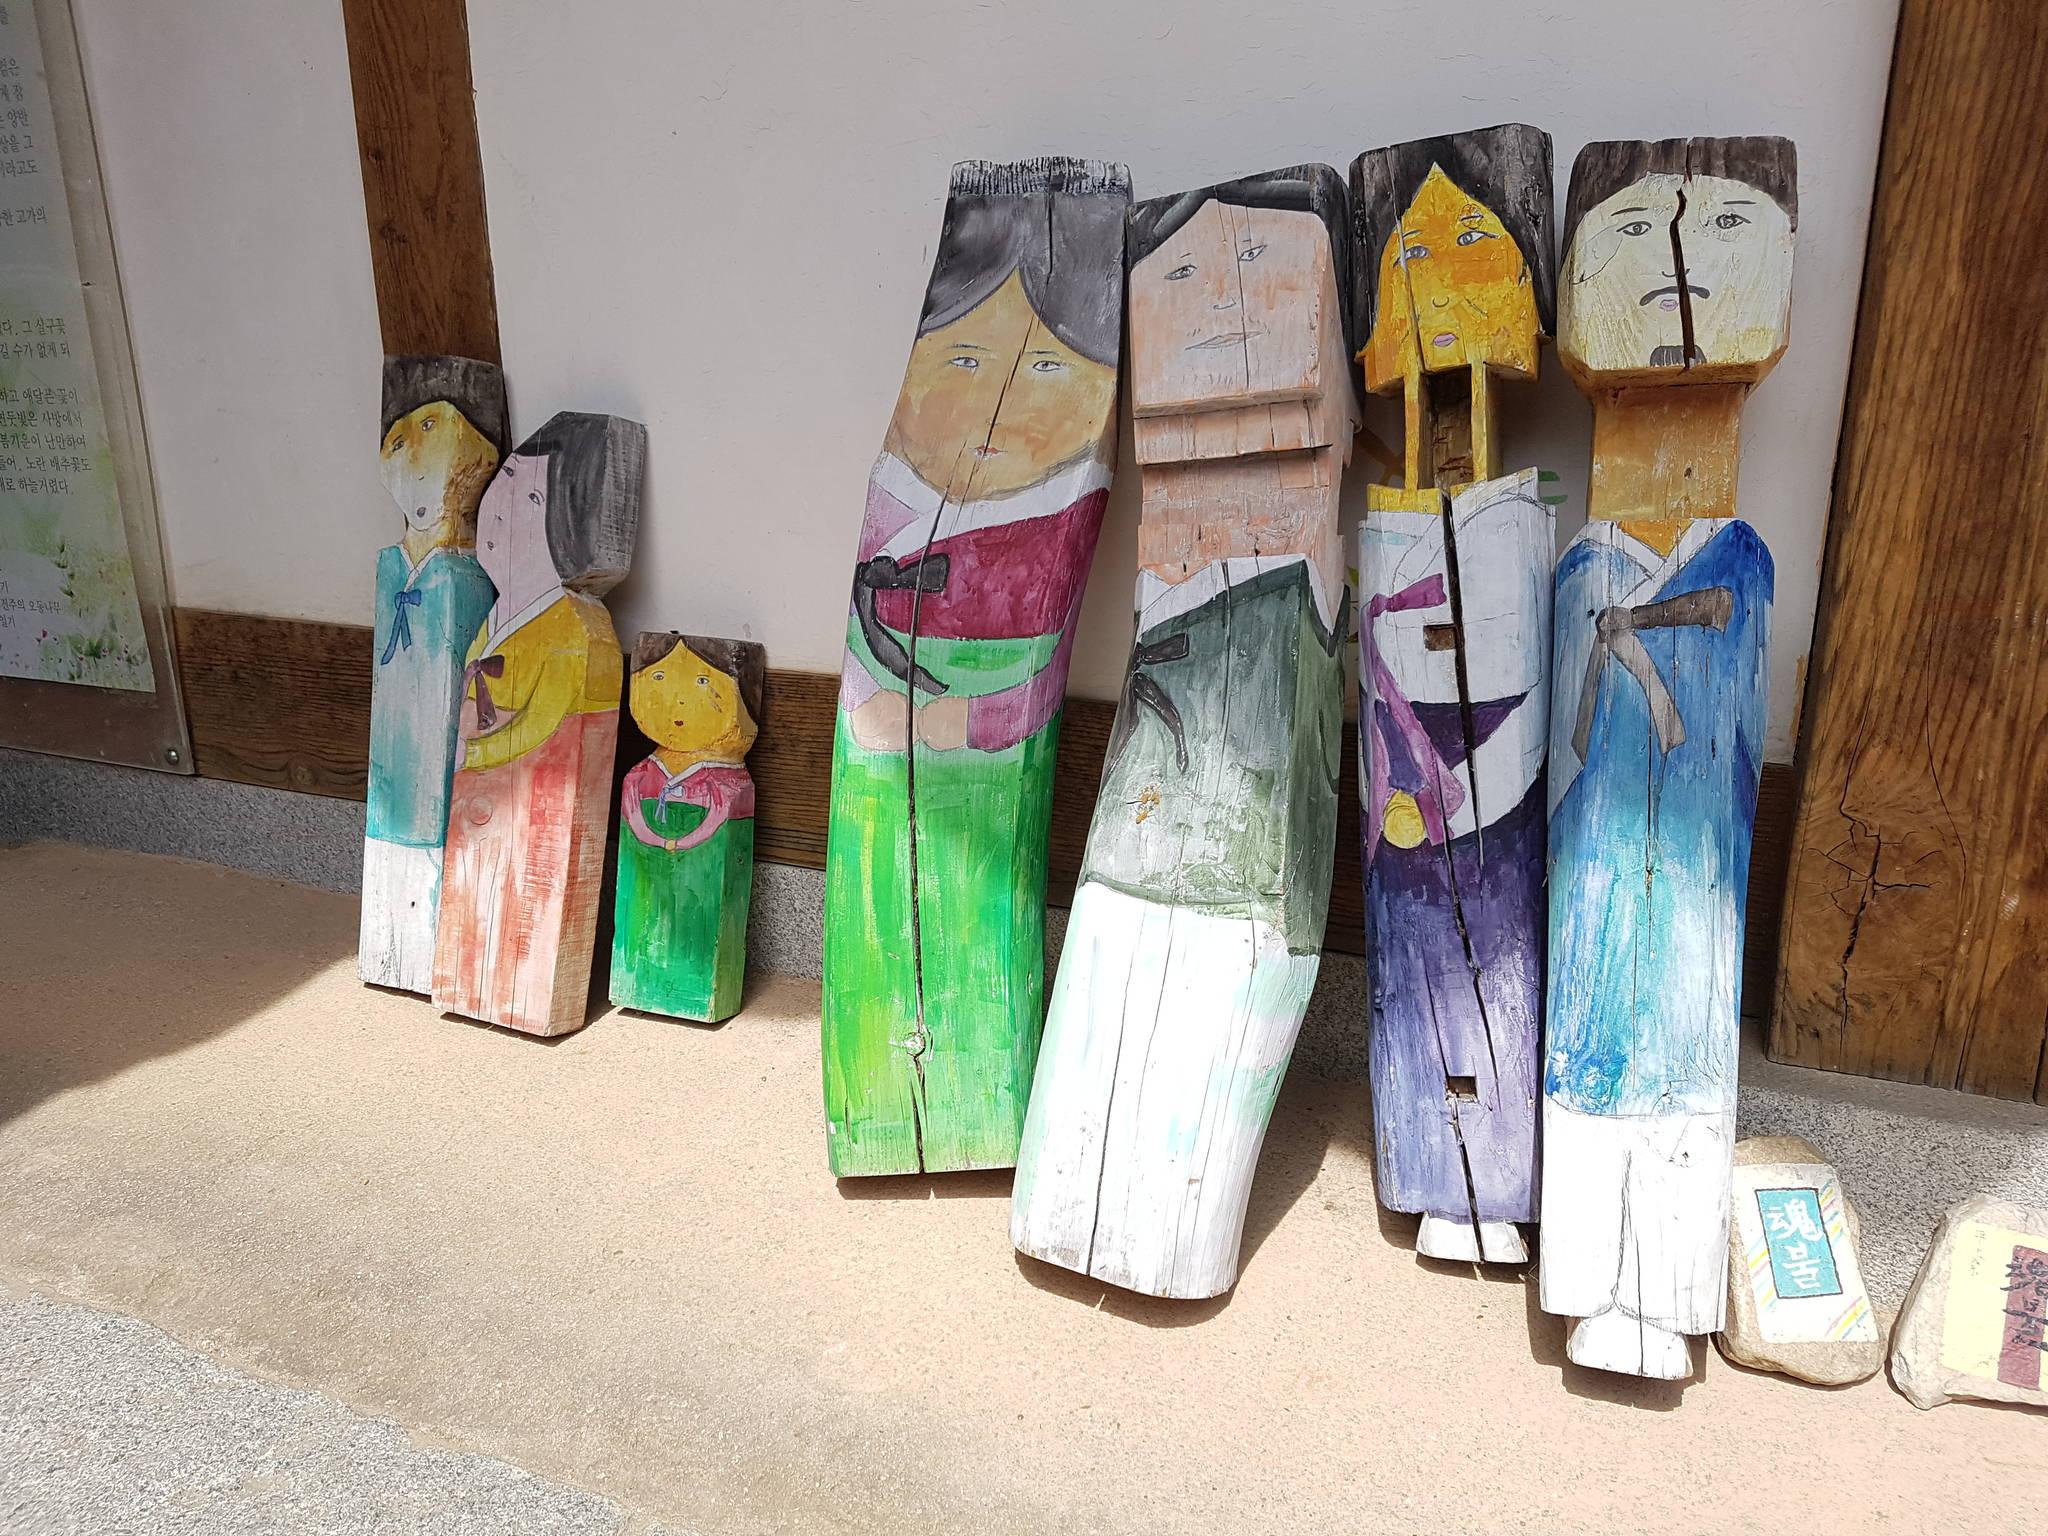 문학관 마당에 있는 고재(古材) 작품. 화가 한숙씨가 『혼불』에 등장하는 인물들을 오래된 나무(古材)에 그린 그림이다. 전주=김준희 기자